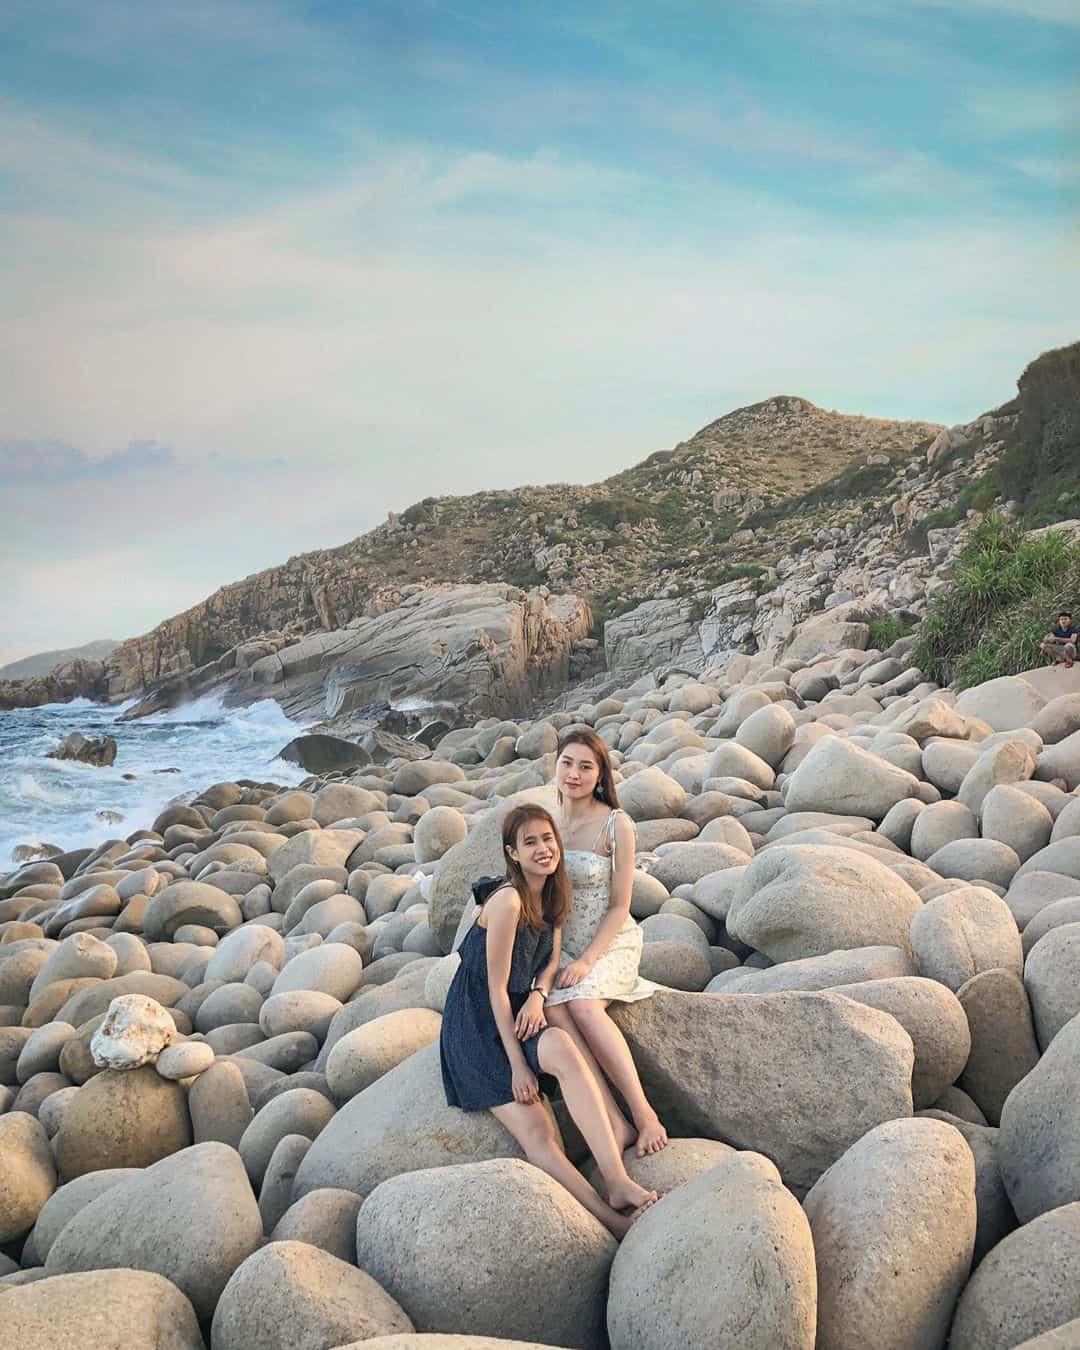 Bãi đá tuyệt đẹp nằm ngay cạnh biển. Ảnh: @binhsoo